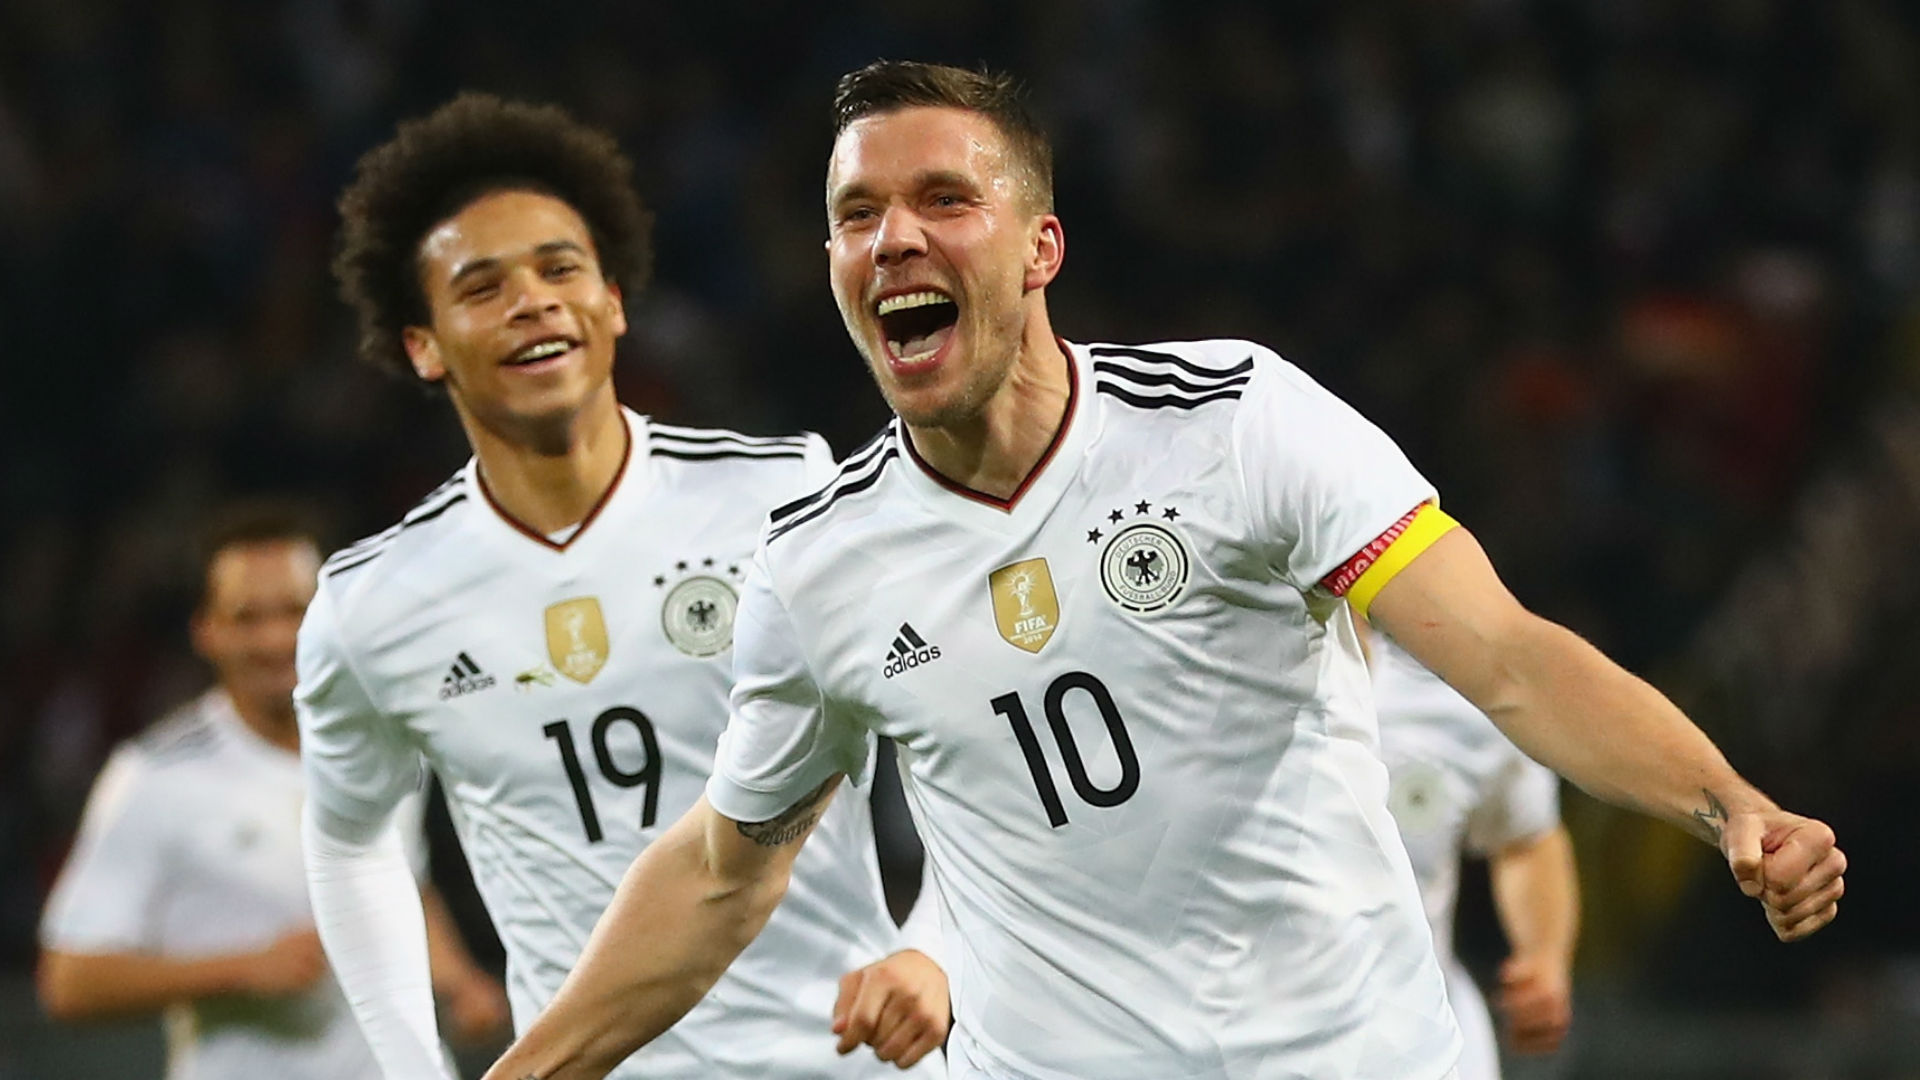 Leroy Sane Lukas Podolski Germany